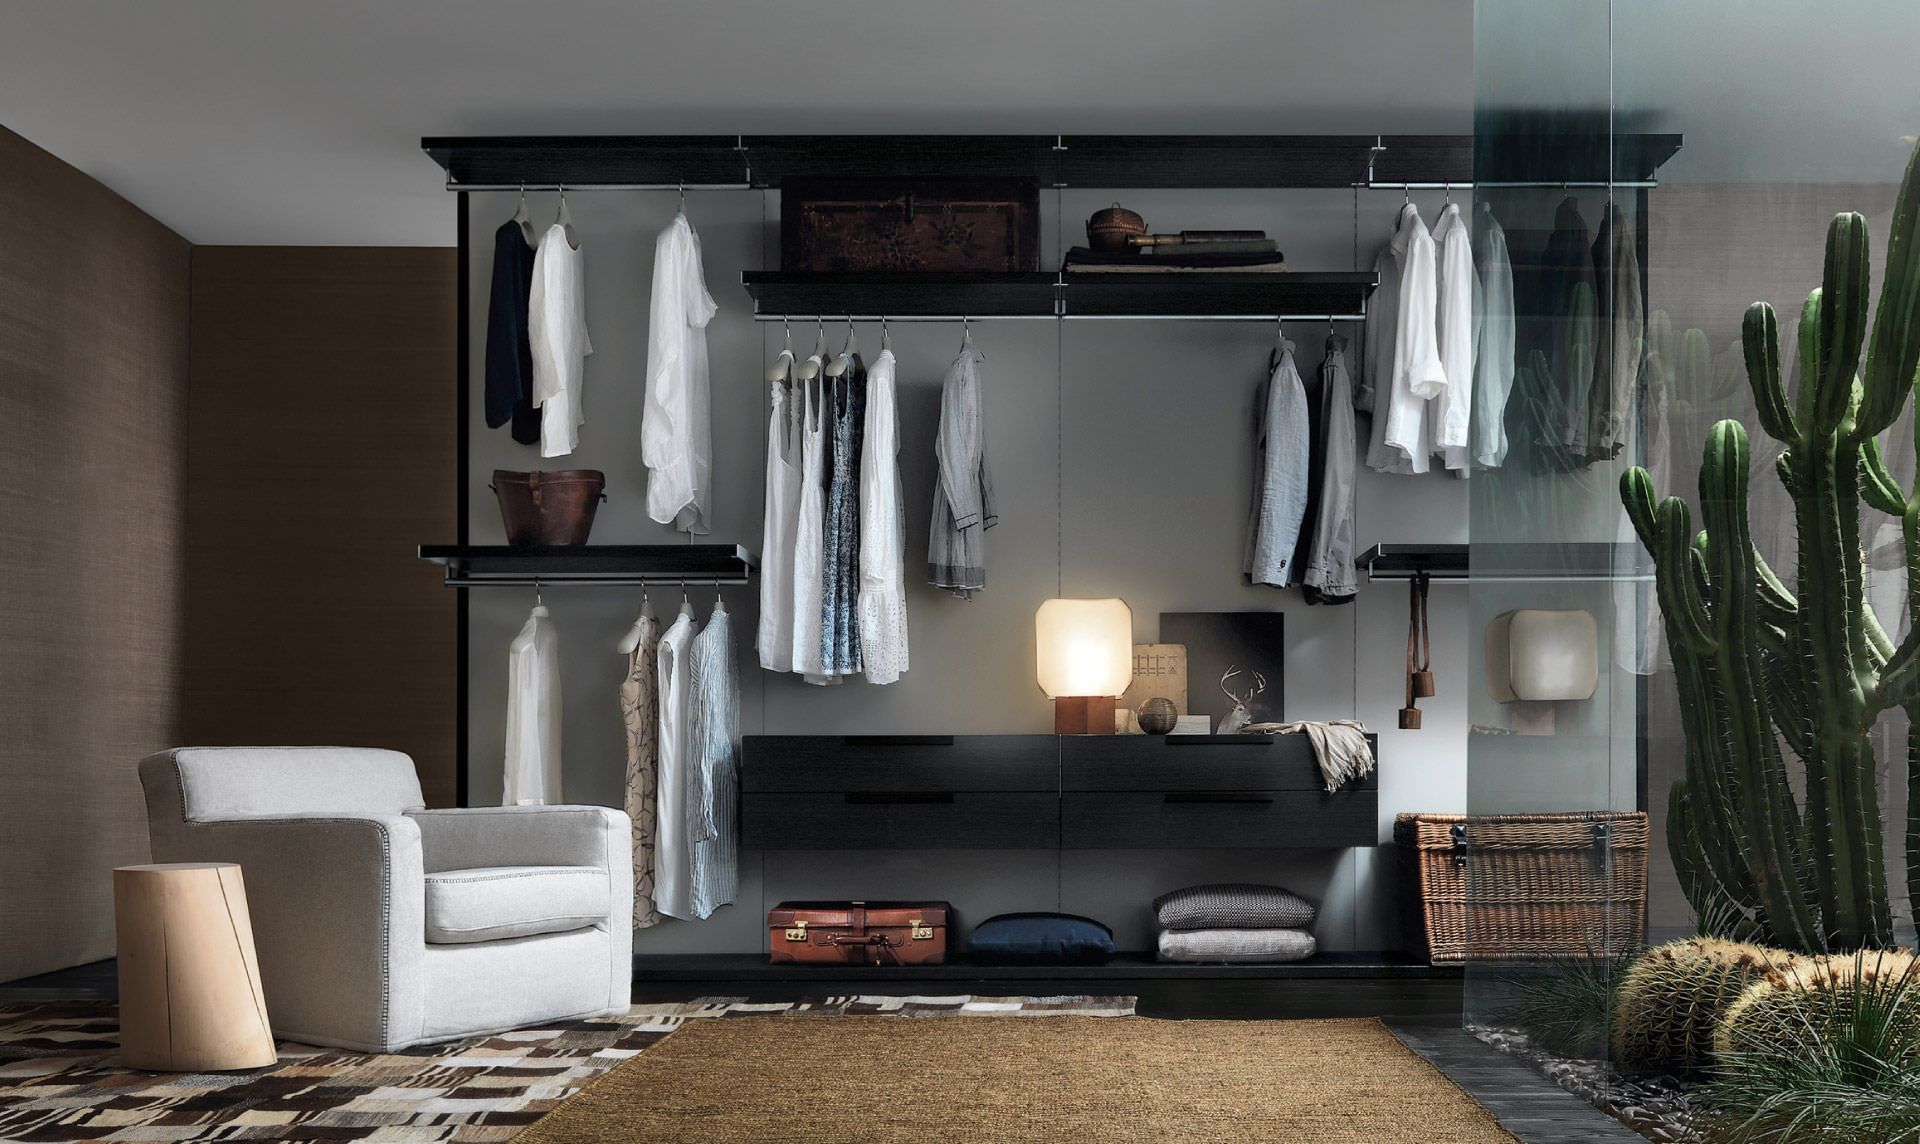 Begehbarer kleiderschrank modern  Begehbarer -Kleiderschrank / modern JESSE | Home_Walk-inWardrobe ...